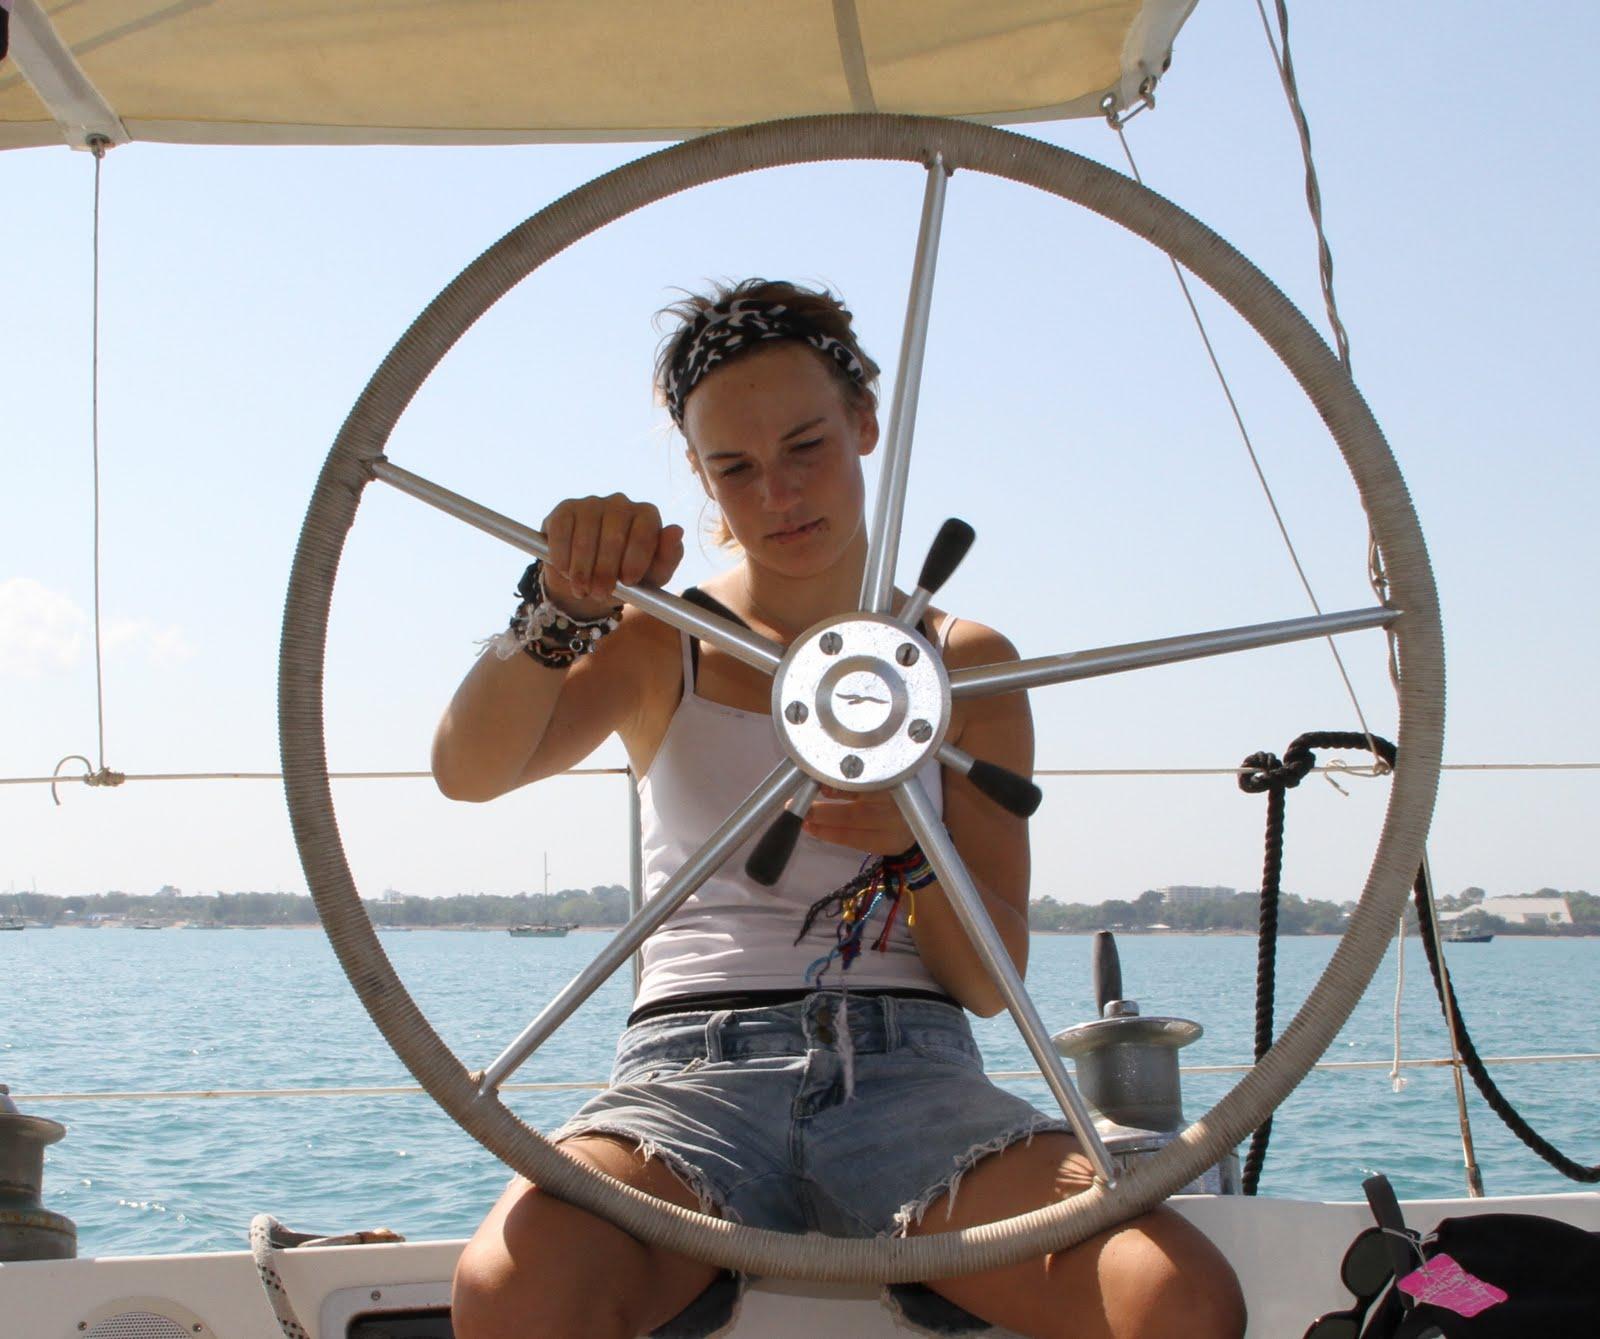 海的女儿,纪录片,同龄人,创造者,监护权 荷兰女孩Laura Dekker,单人环球航海寻找那个热爱自由、冒险、勇敢的自己。